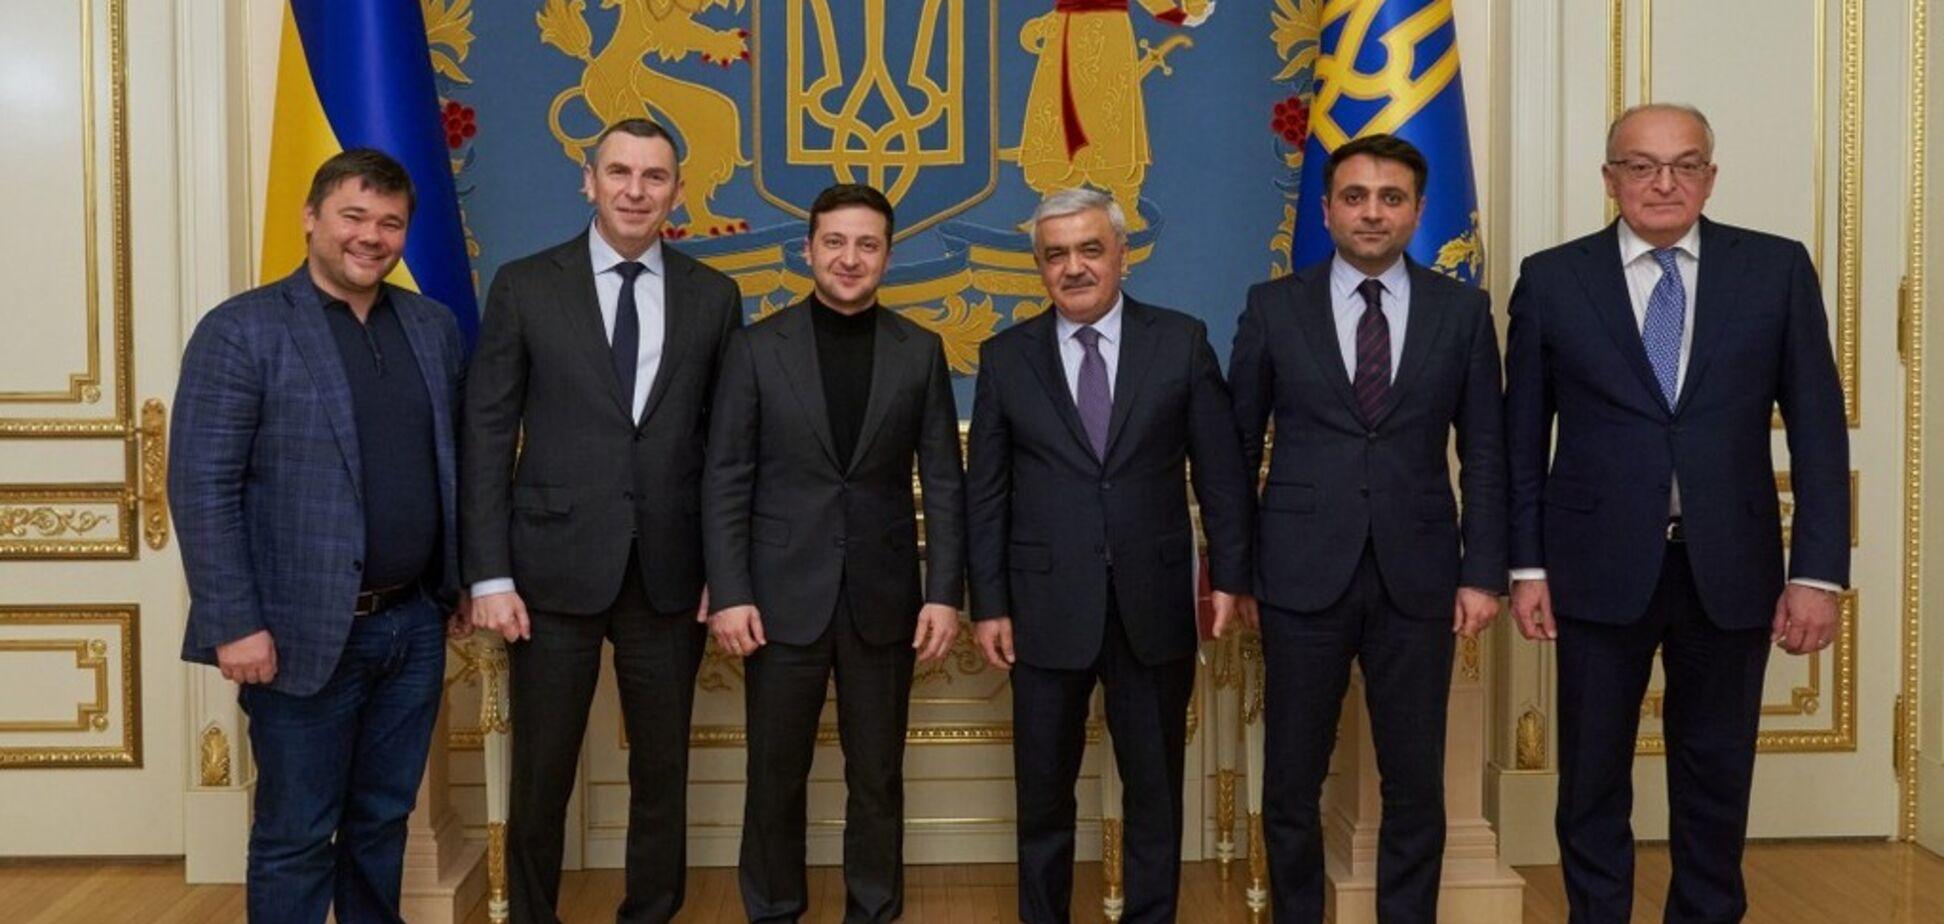 Зеленский встретился с президентом SOCAR: о чем договорились